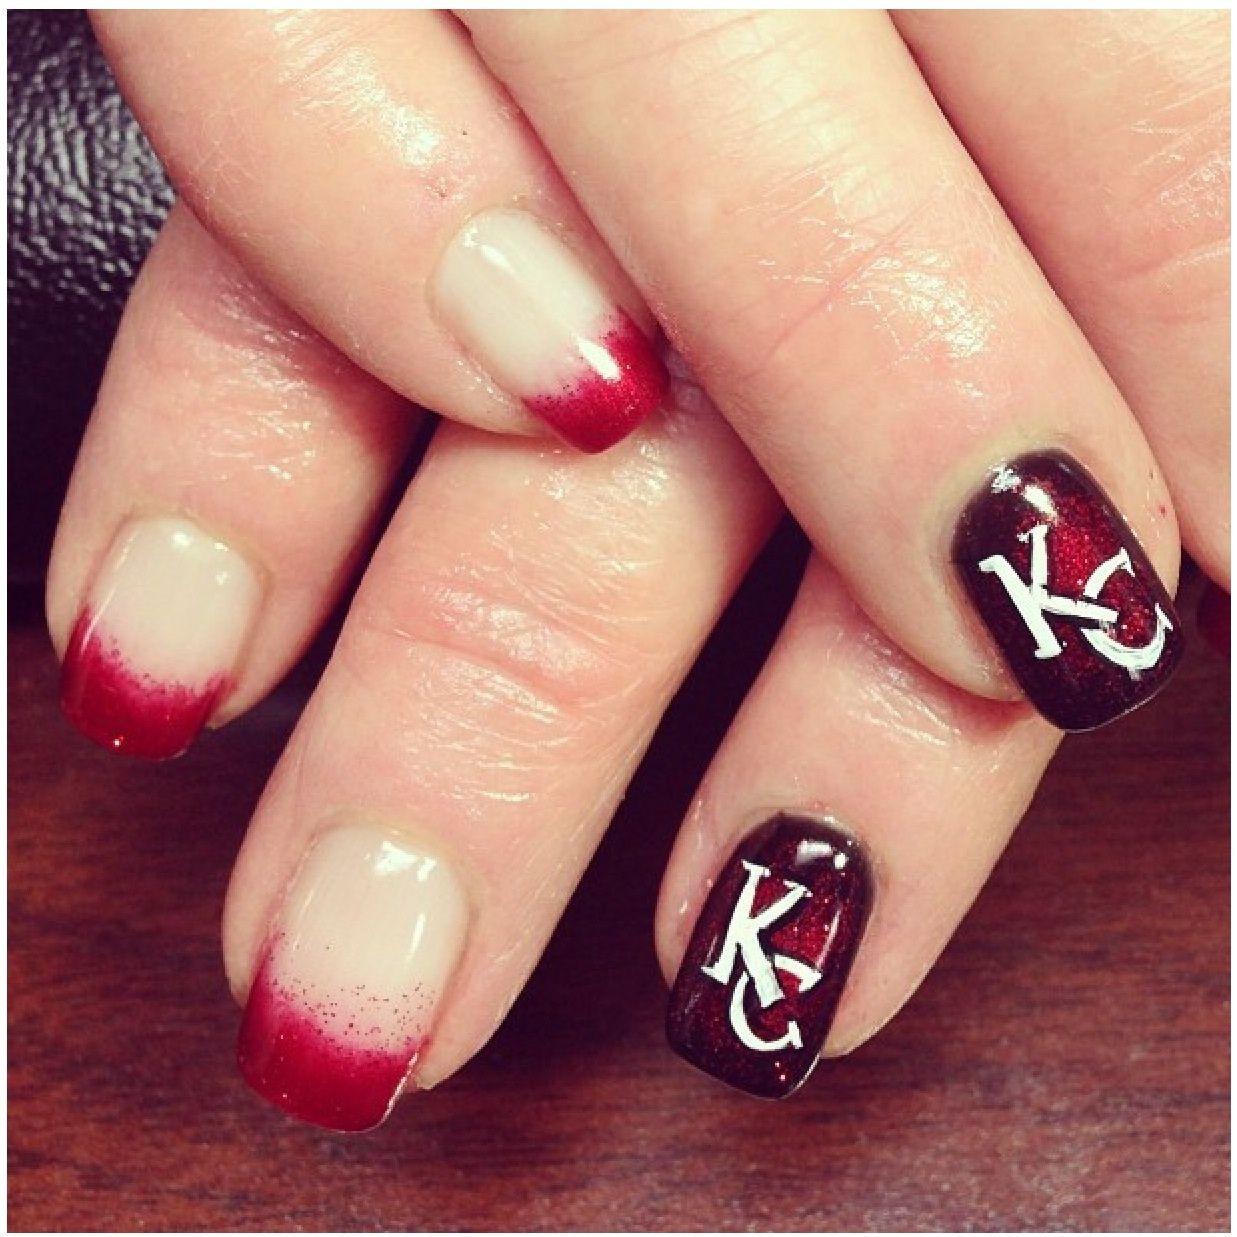 Kansas City chiefs nails! | nAiLs nAiLs nAiLs | Pinterest | Kansas ...